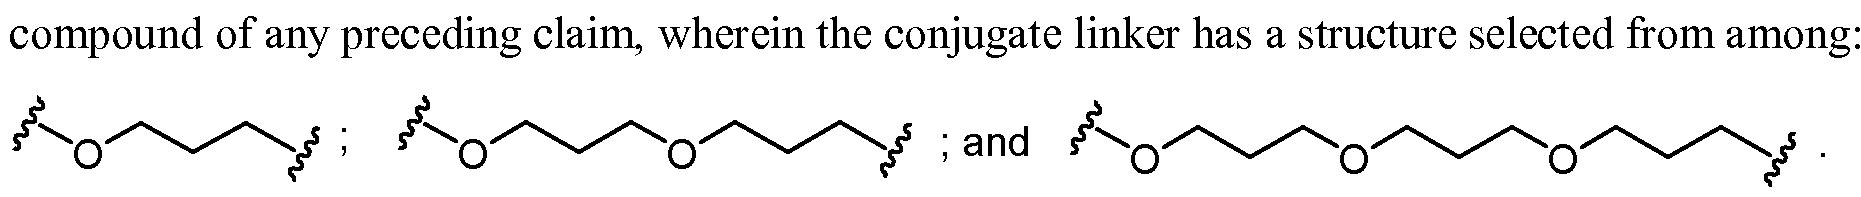 Figure imgf000360_0002